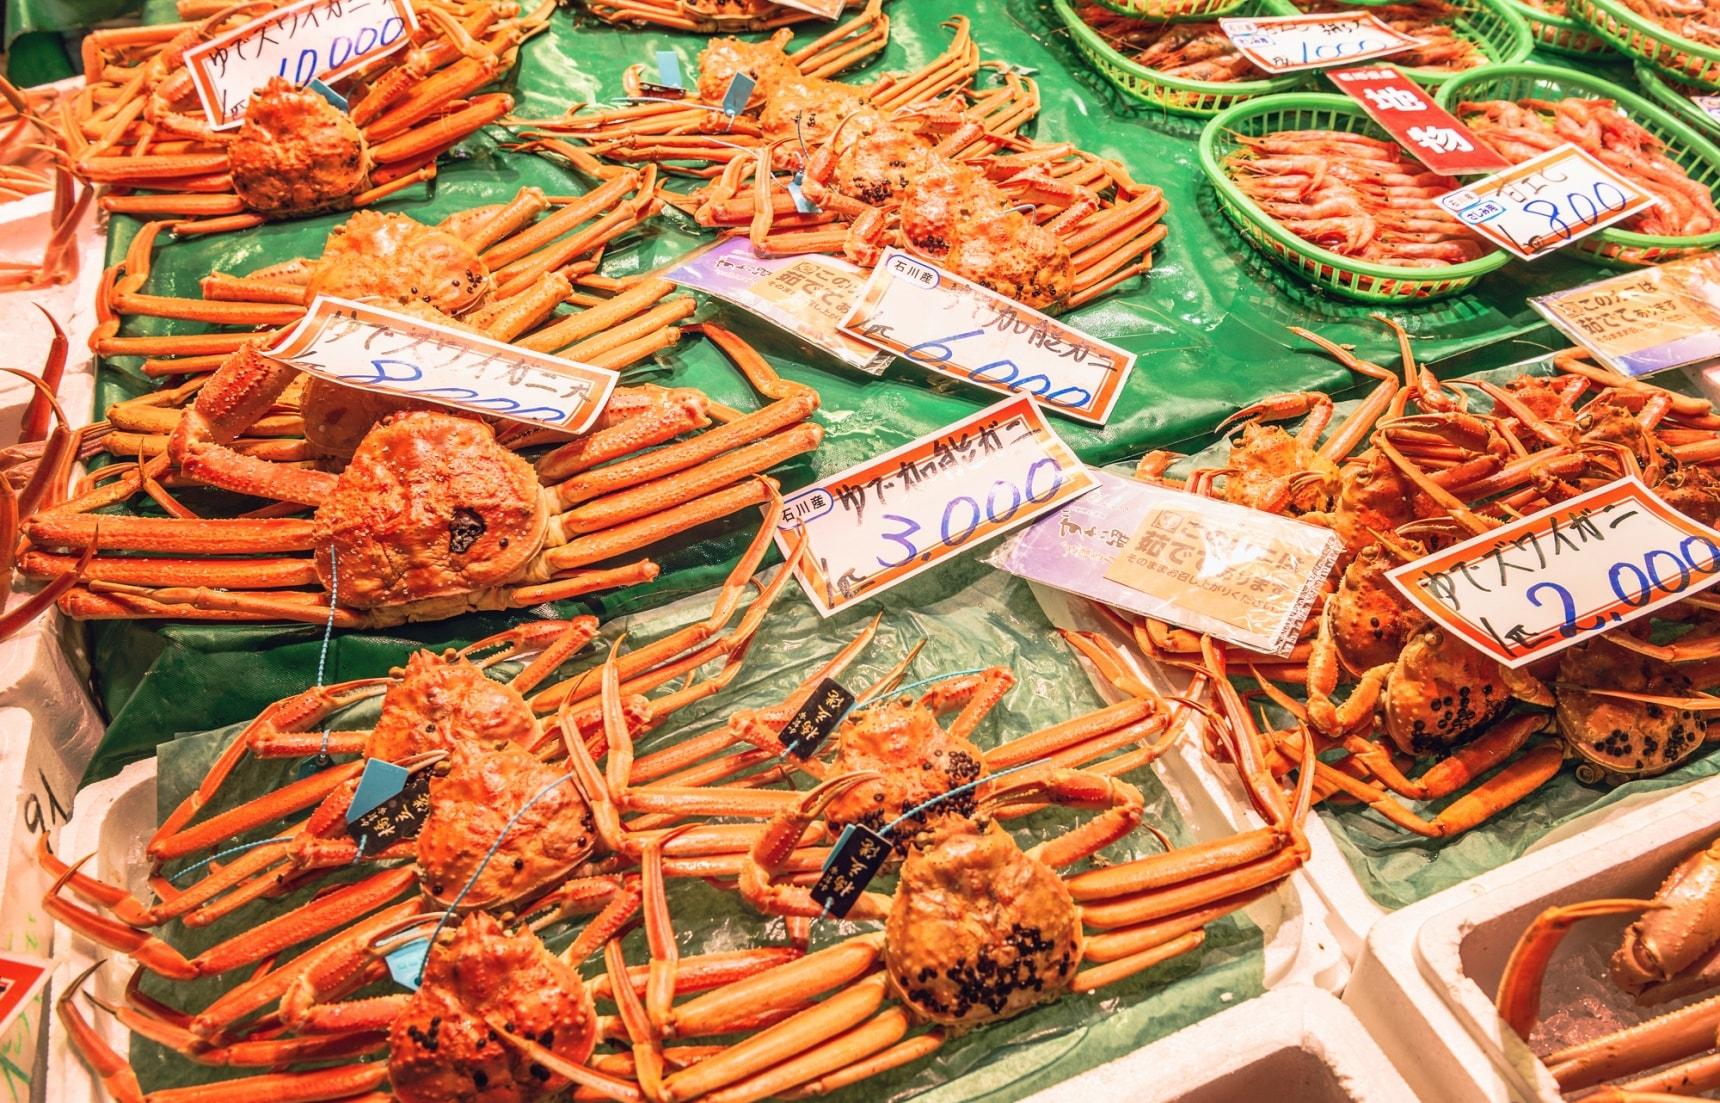 冬季限定的日本海螃蟹&隱身在紅磚倉庫的米其林推薦餐廳!福井兩天一夜不自駕行程推薦